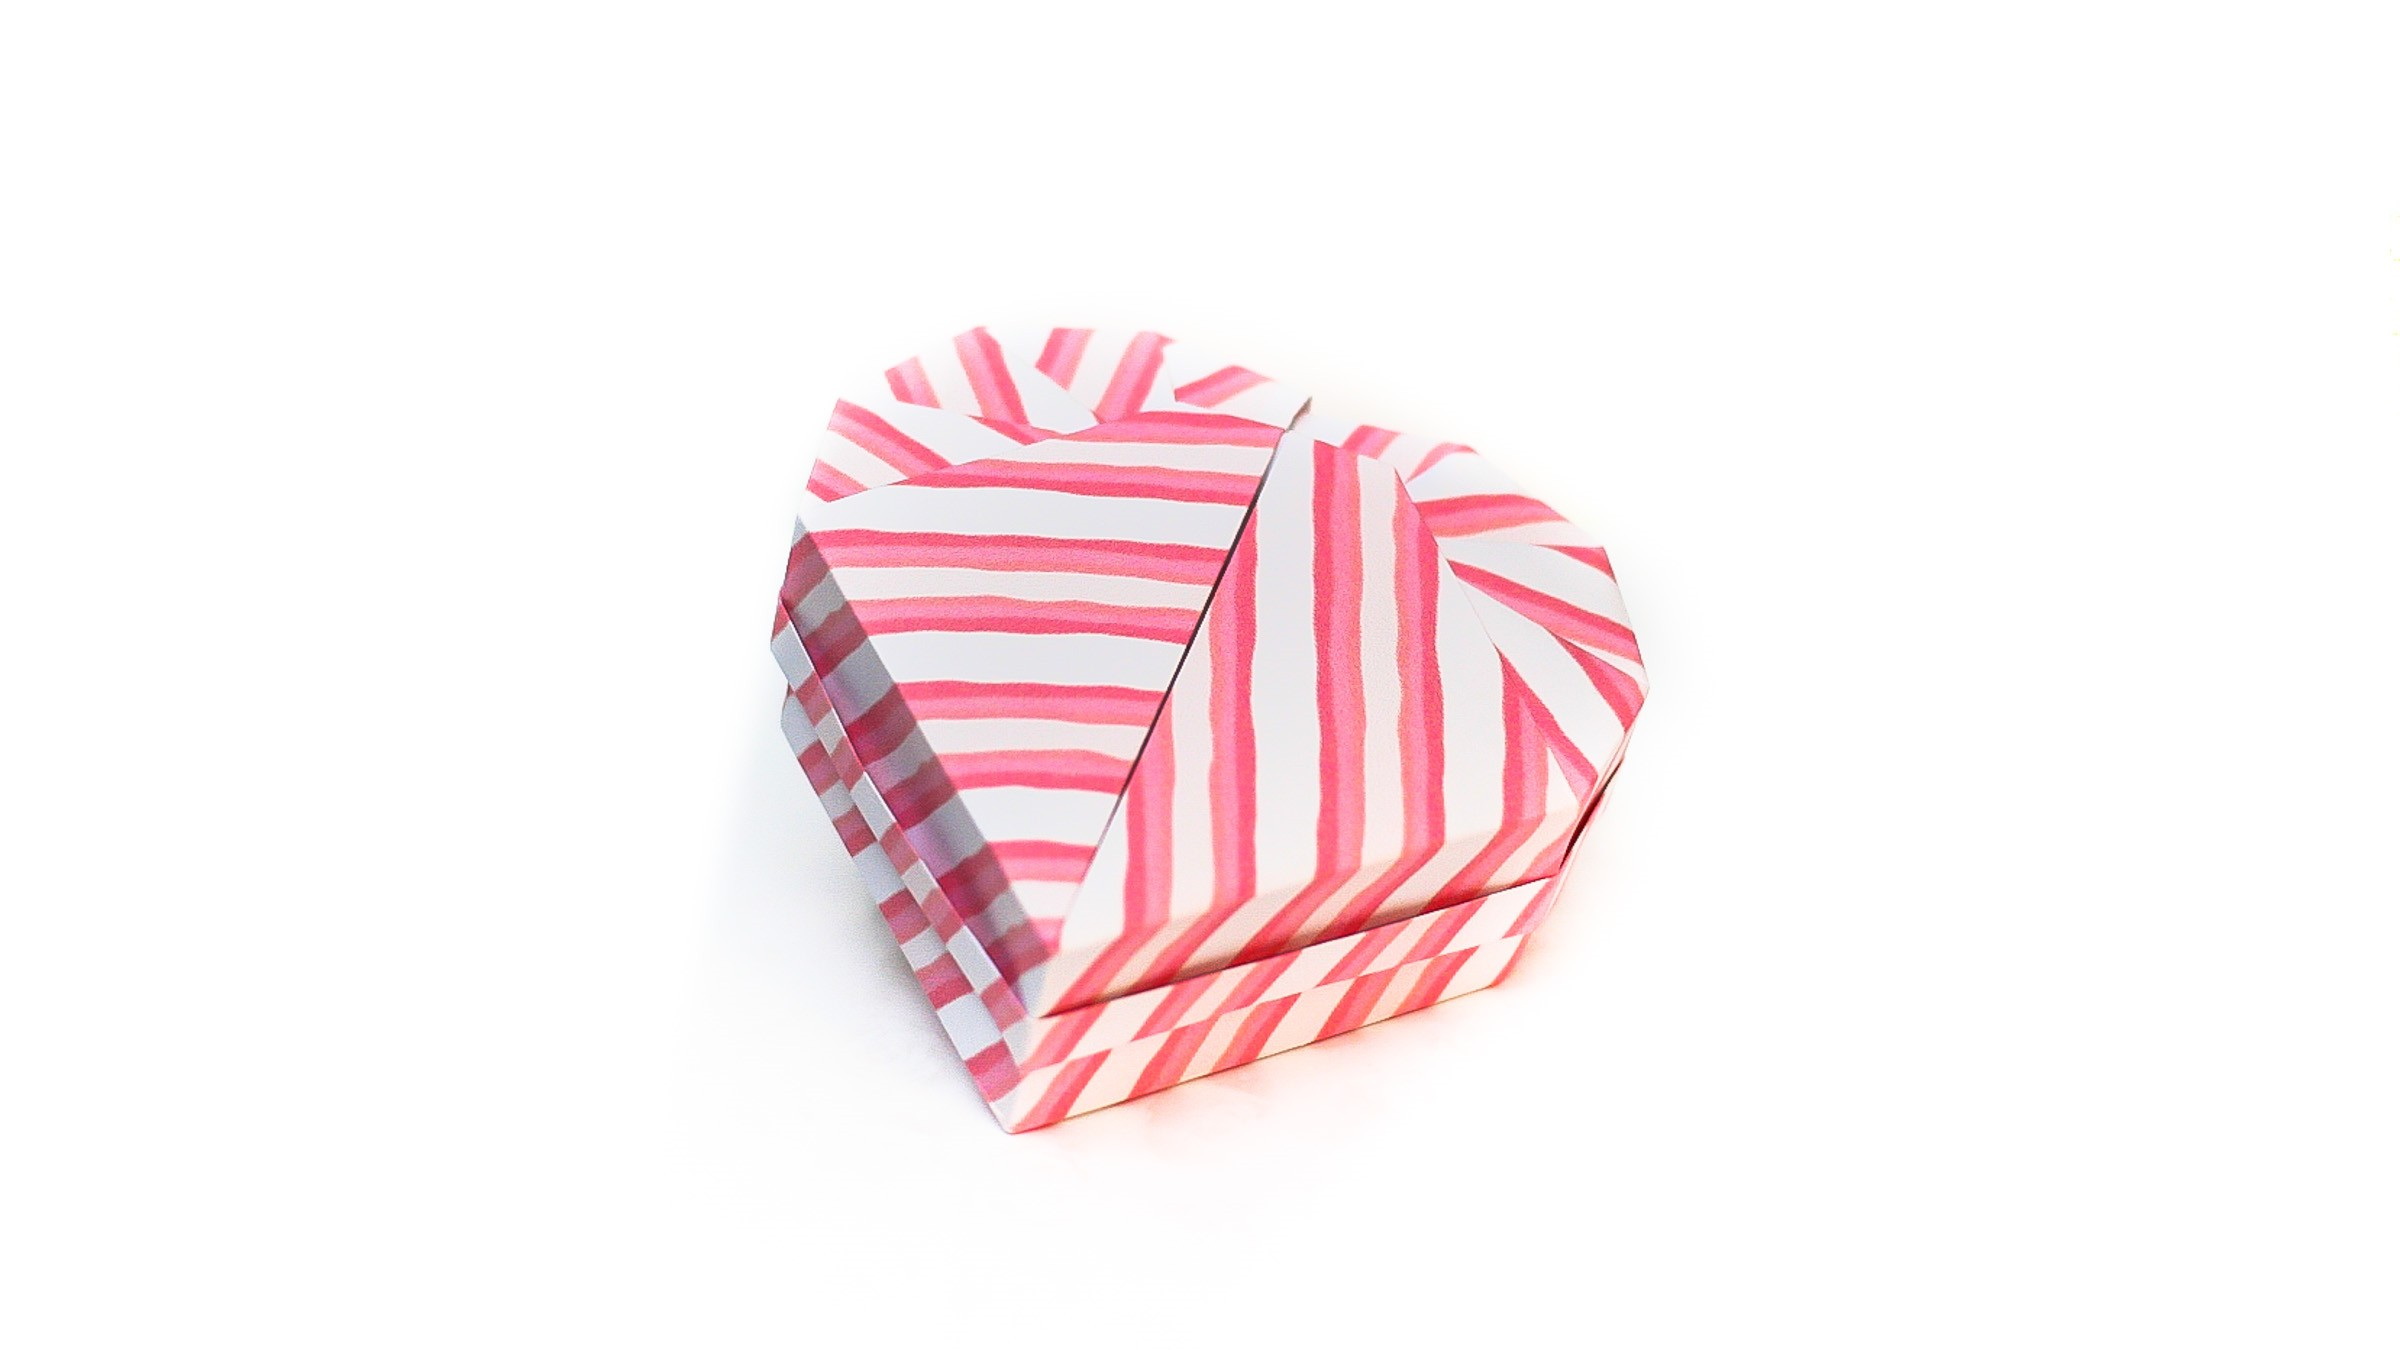 การพับกระดาษเป็นกล่องของขวัญรูปหัวใจสำหรับวันวาเลนไทน์